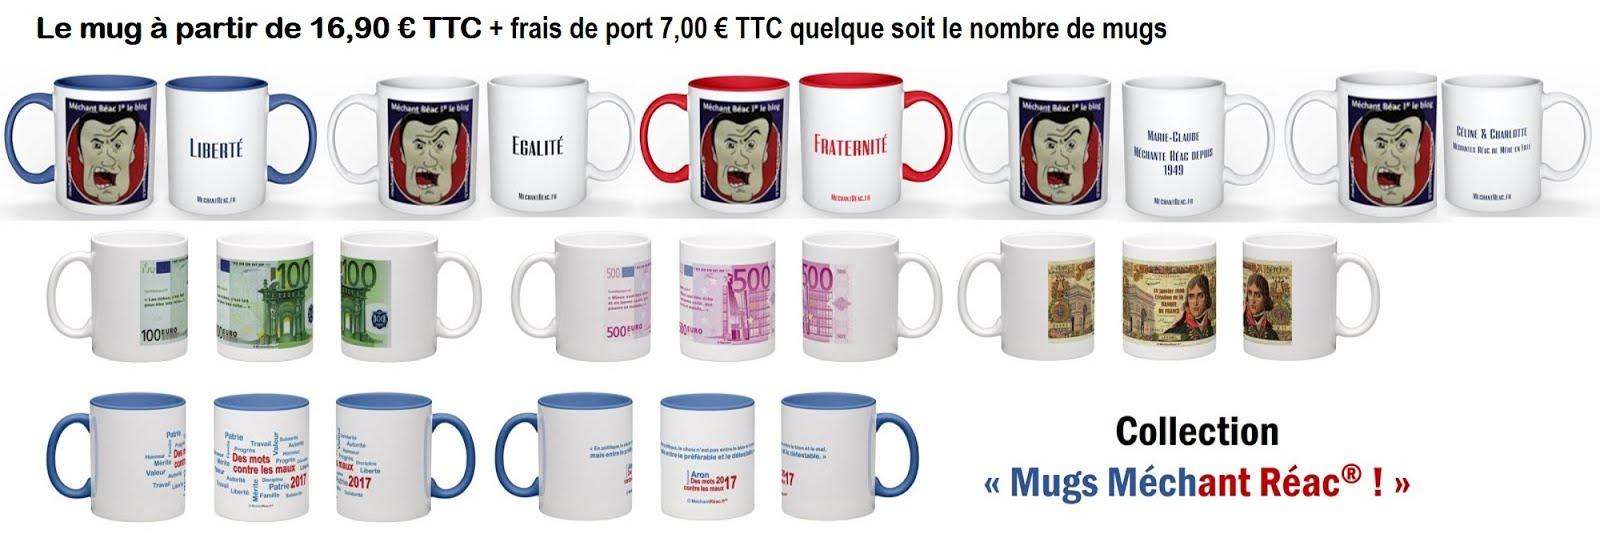 Cliquez sur l'image et Commandez votre mug !